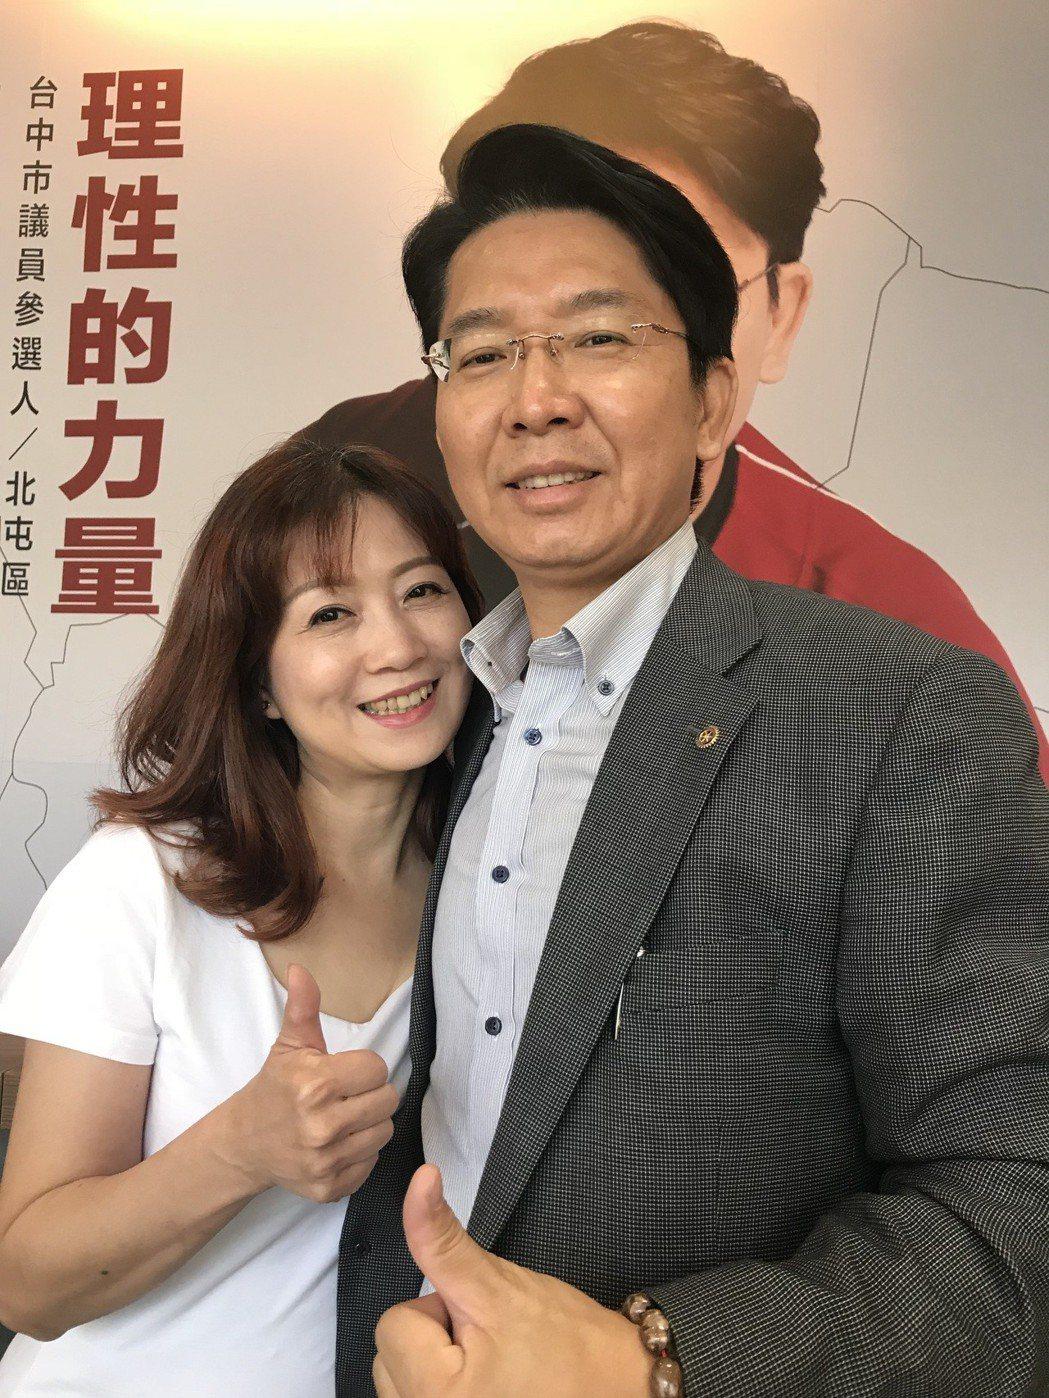 知名球評許維智宣布參選北屯區議員。記者陳秋雲/攝影